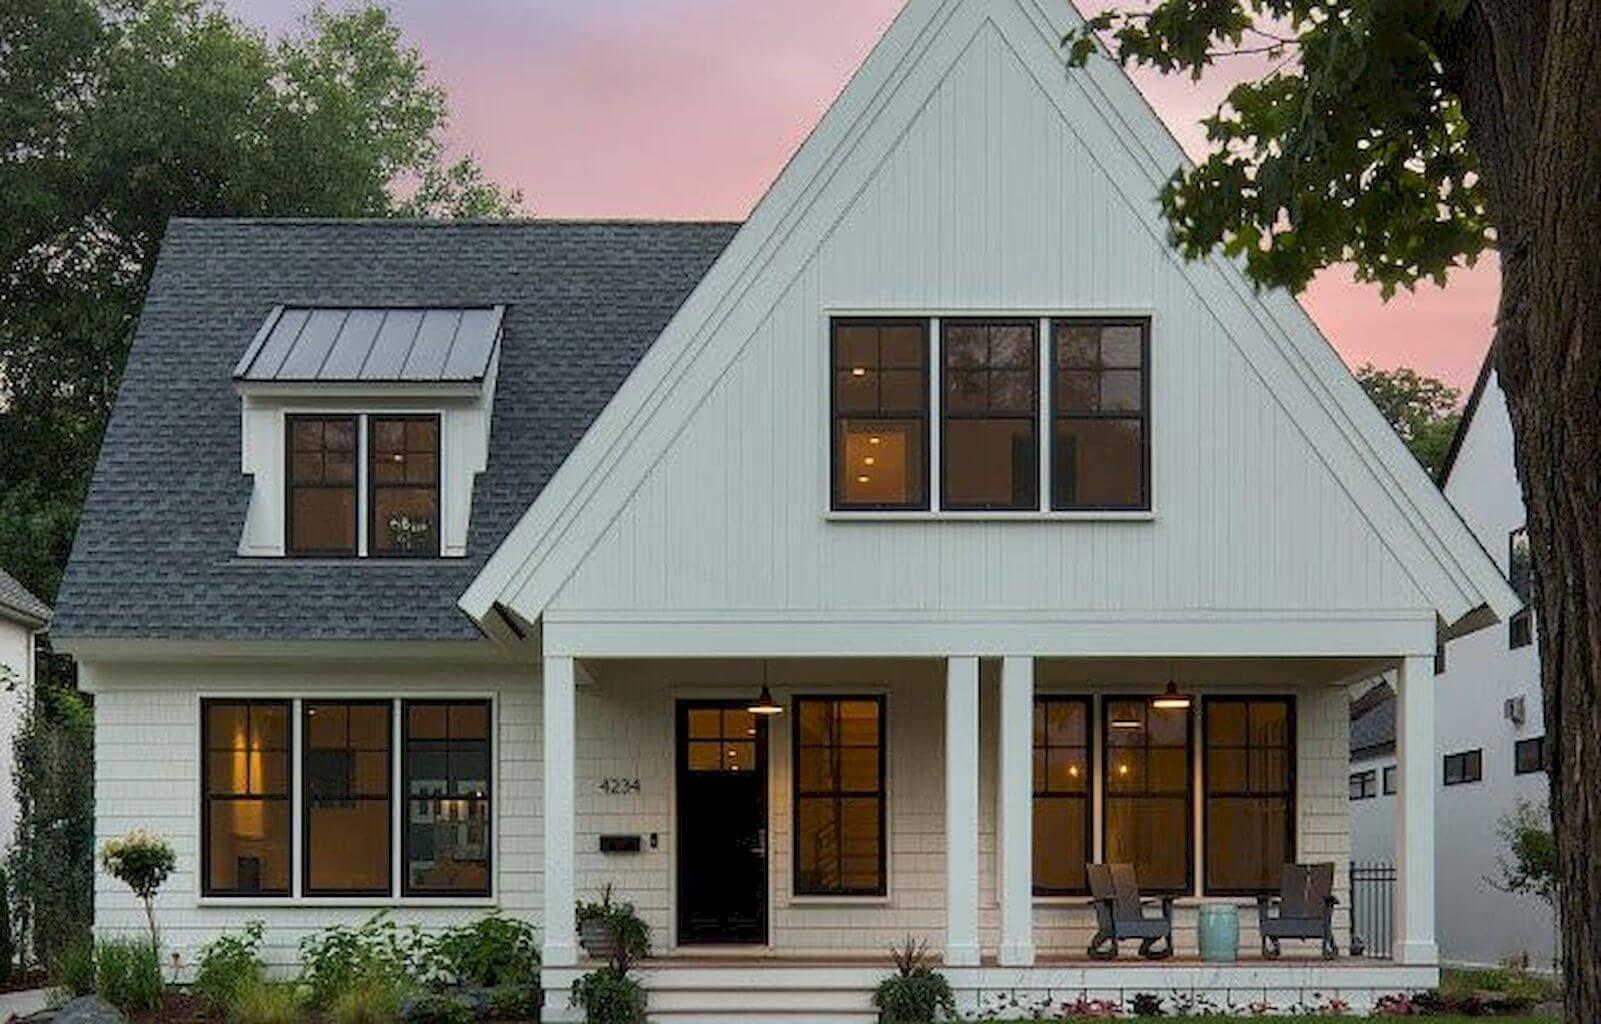 Best Of Scandinavian Exterior Designs Of The House Farmhouse Exterior White Farmhouse Exterior Farmhouse Design